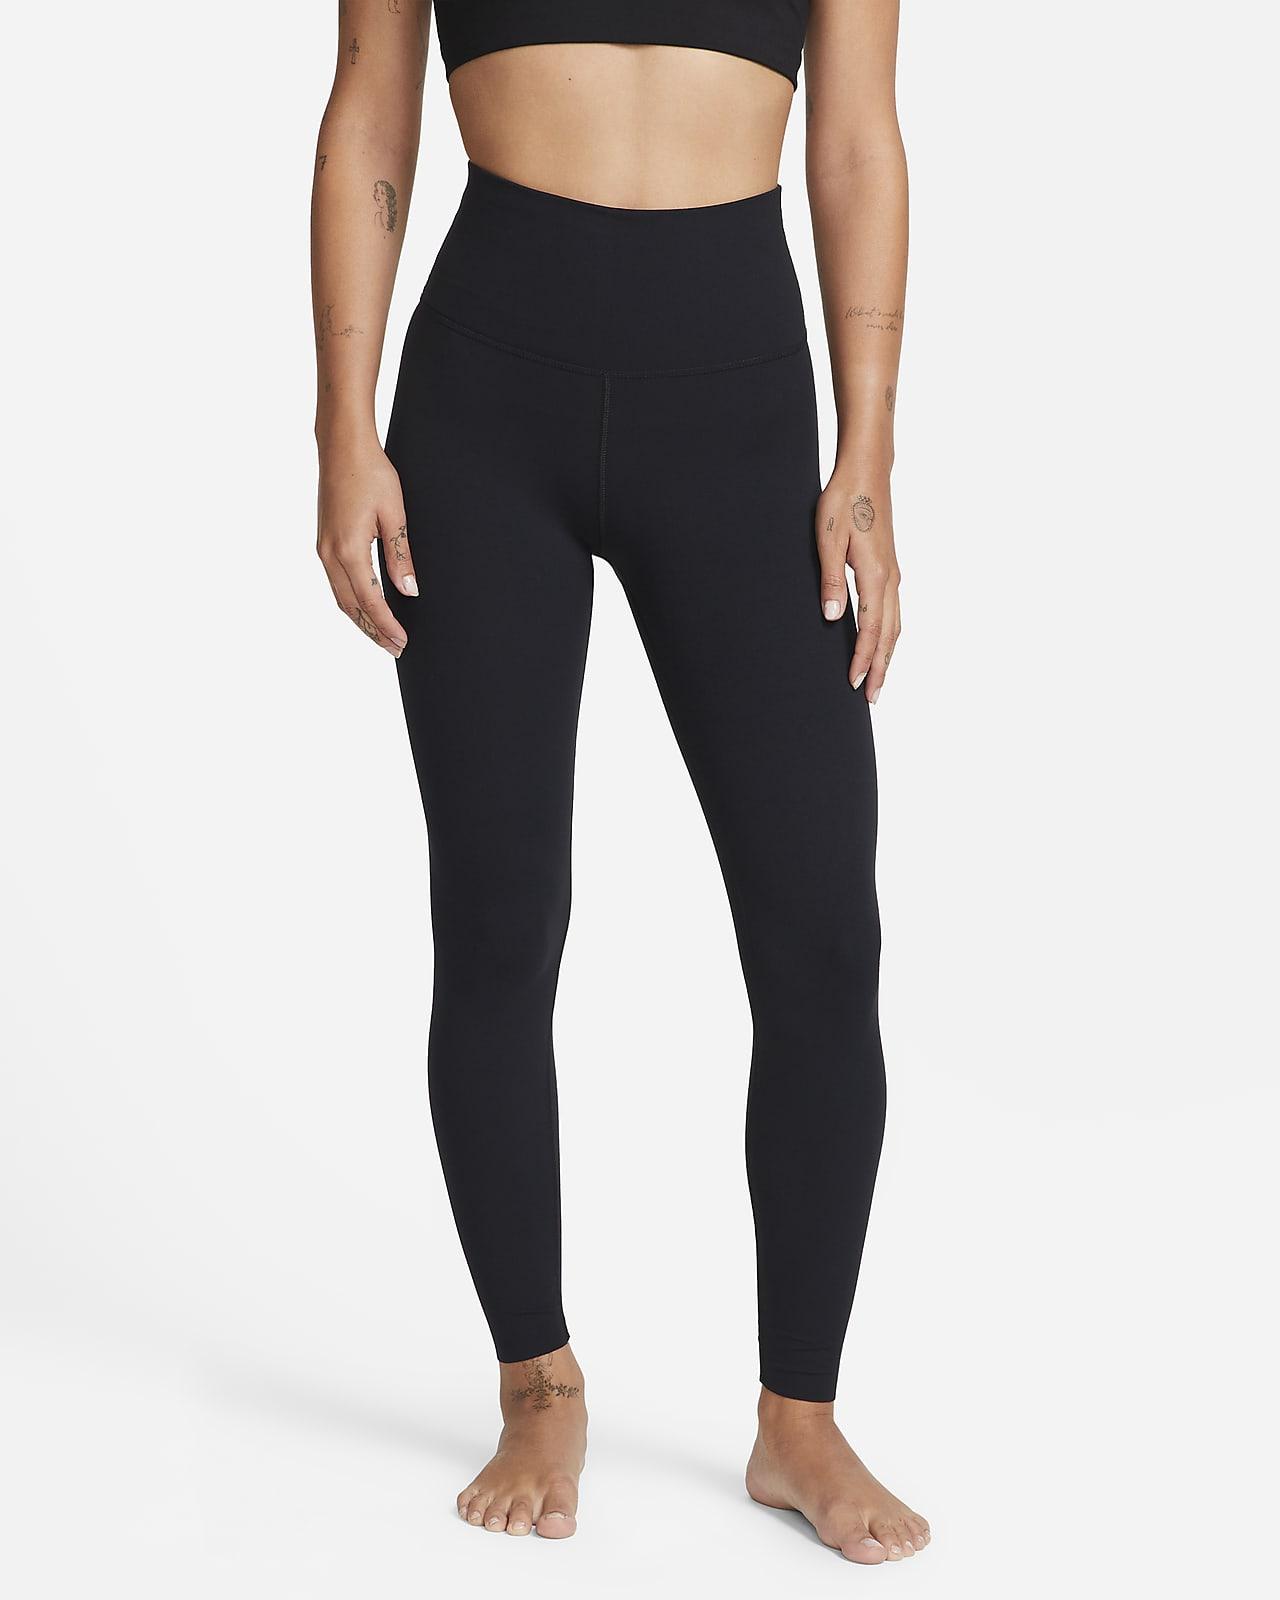 Leggings Infinalon a 7/8 a vita alta Nike Yoga Luxe - Donna